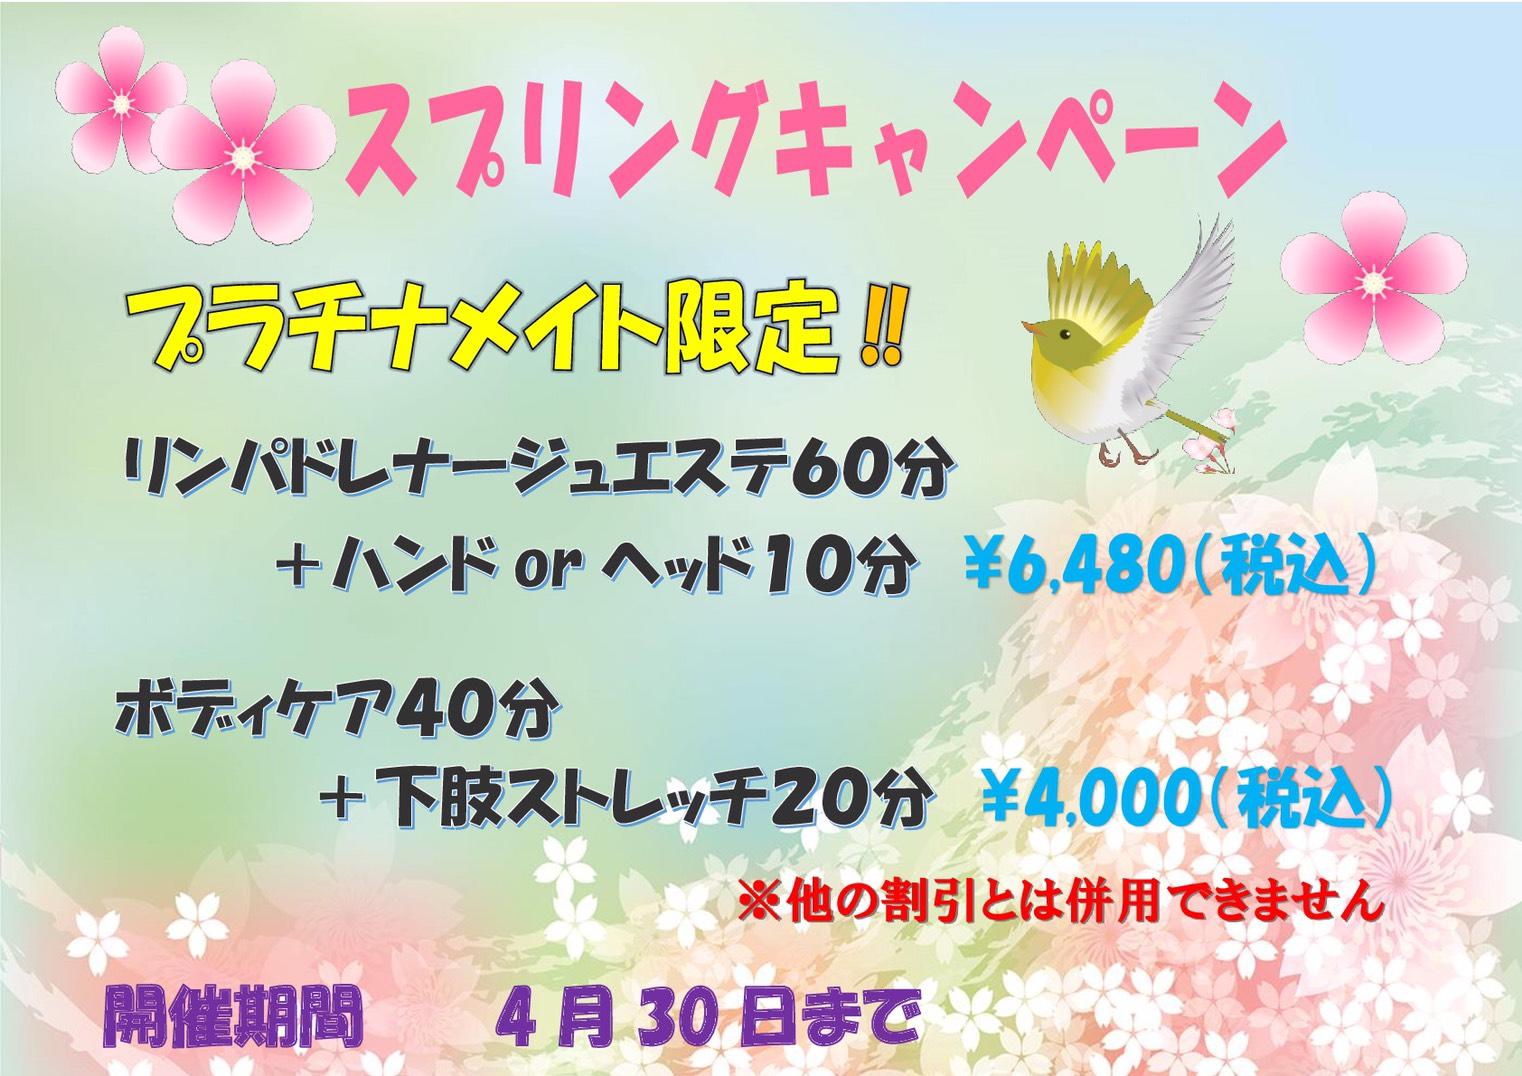 【ましゅまろ】4月キャンペーン情報2